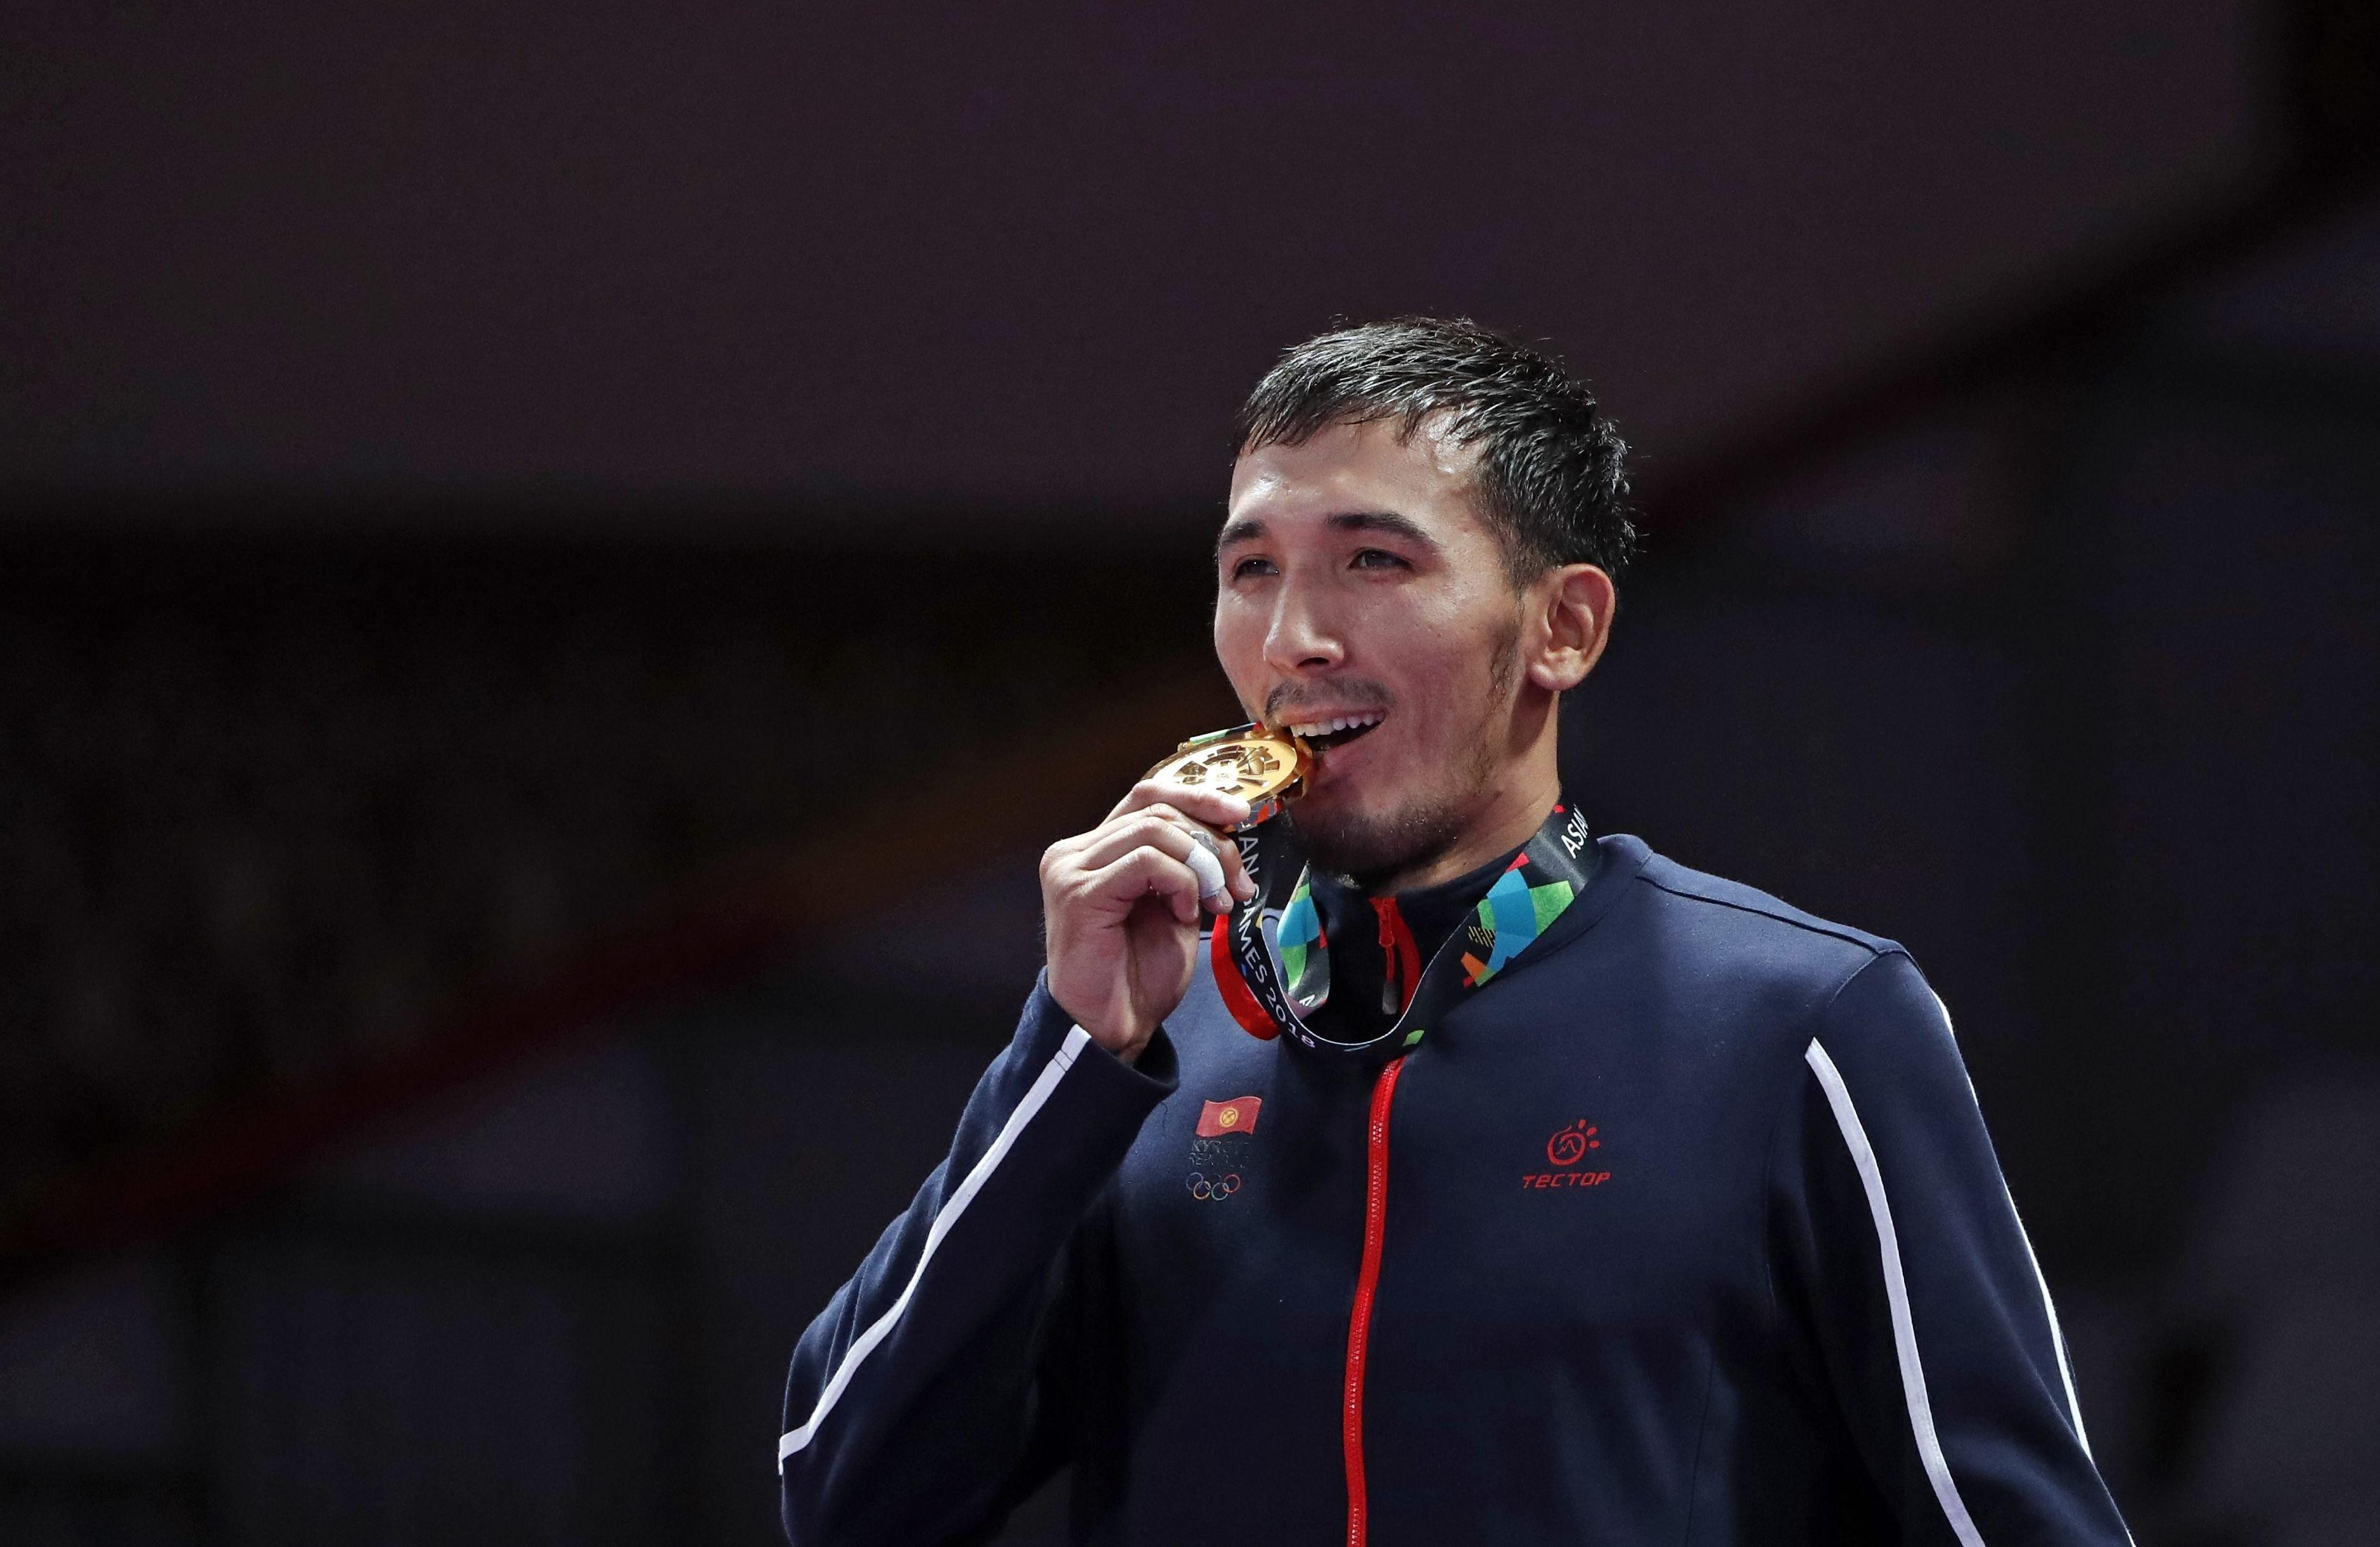 Обладатель золотой медали Азиатских игр-2018 Торокан Багынбай Уулу во время награждения в Джакарте